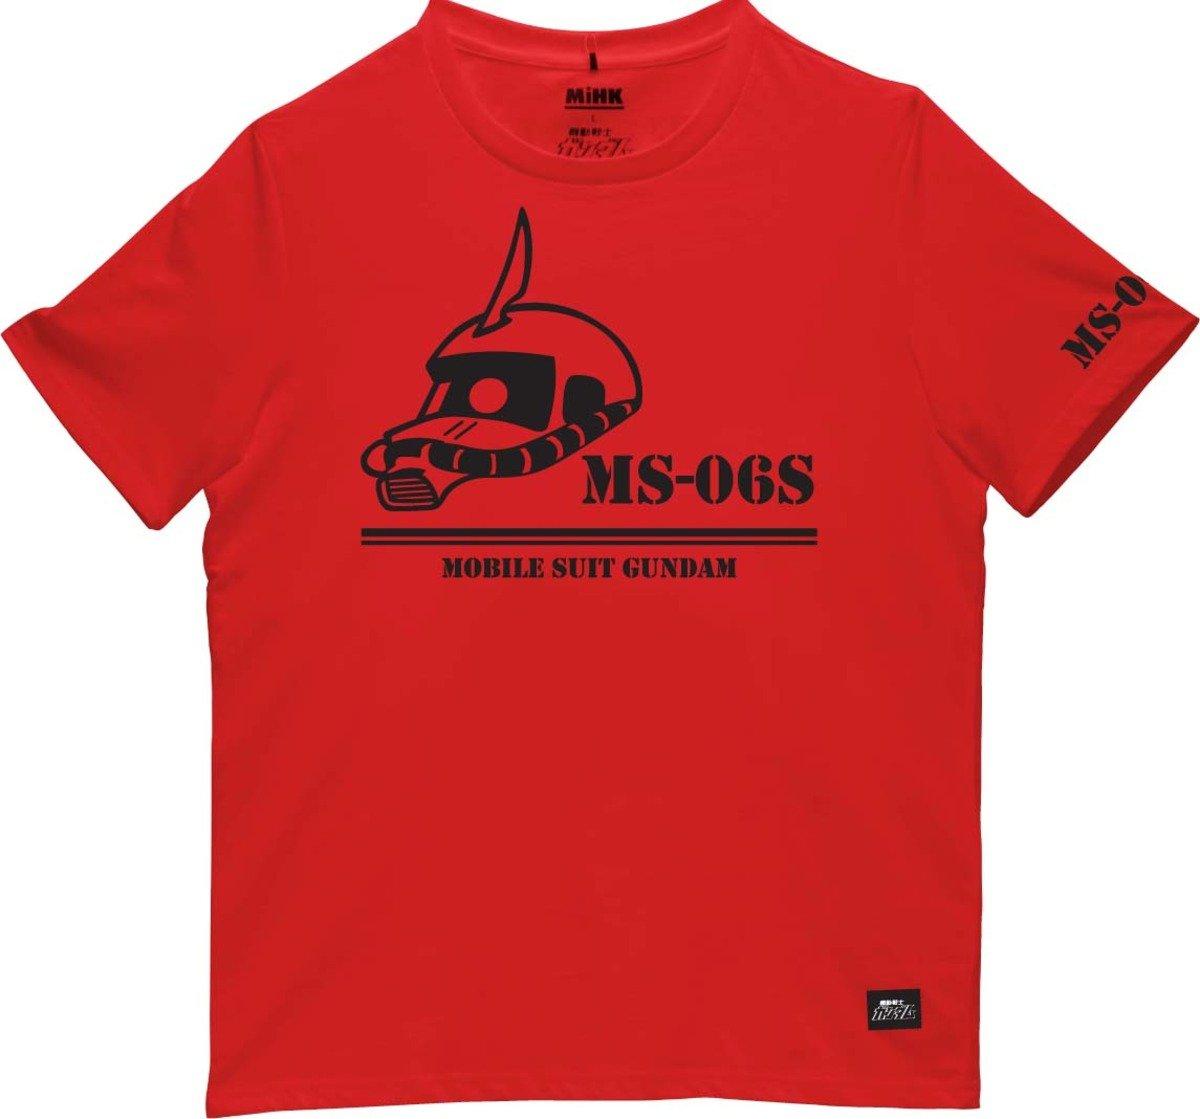 機動戰士(高達)紅色圓領短袖T恤-04